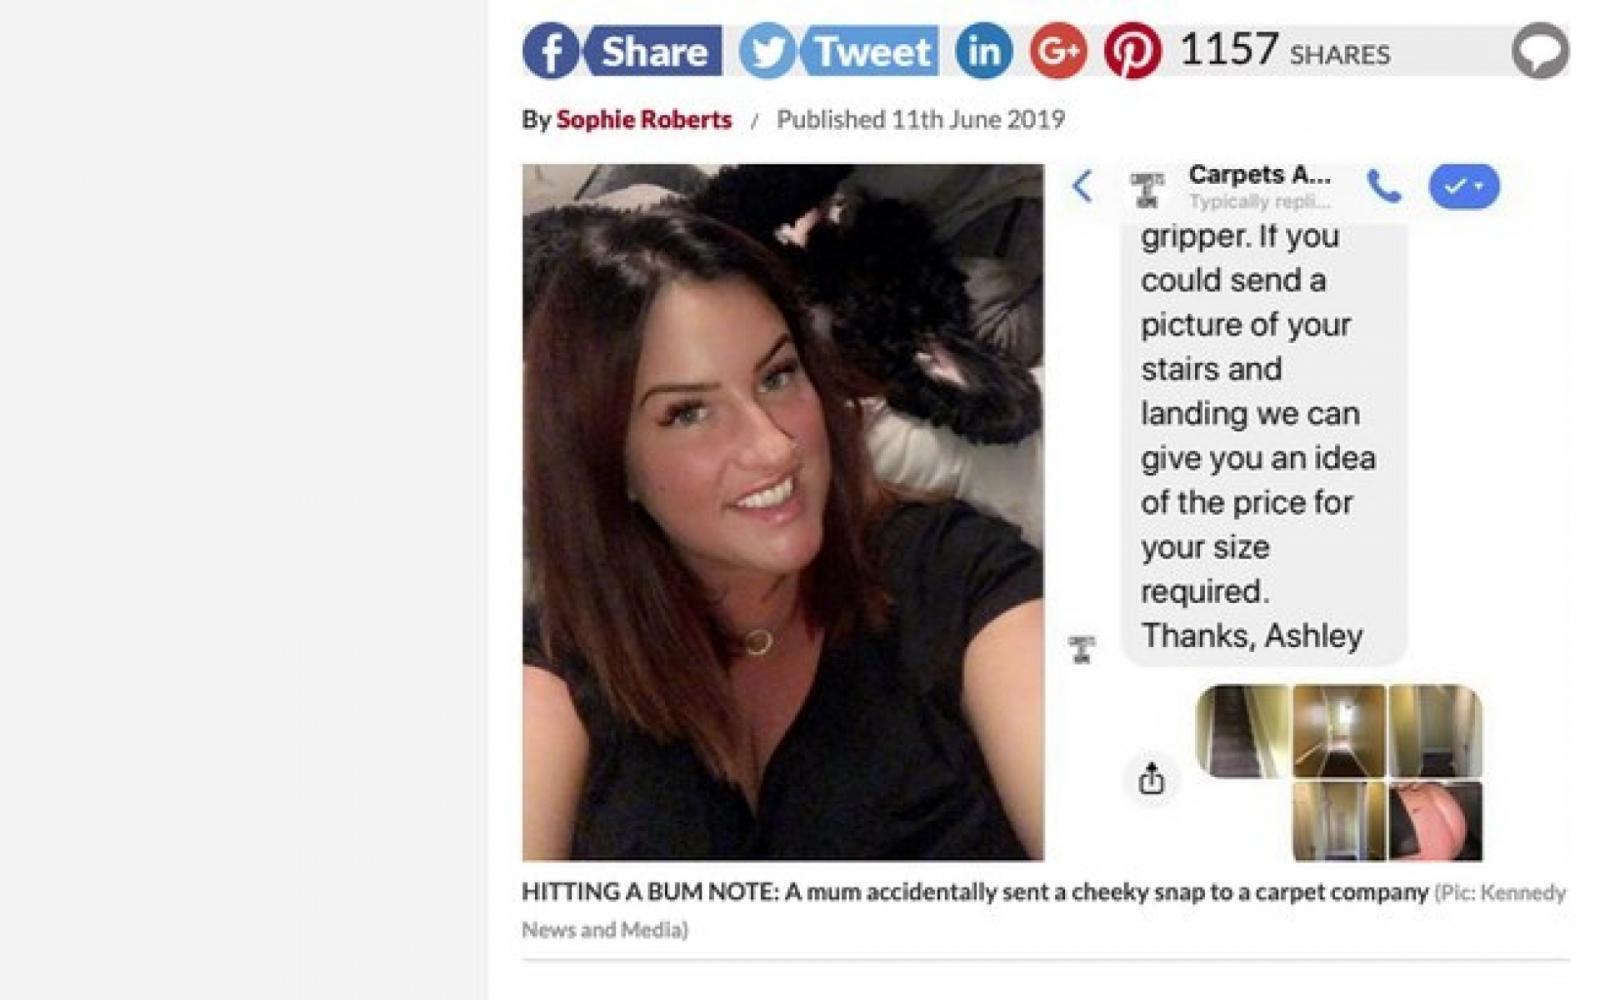 Mulher manda foto do seu bumbum por engano para grupo da empresa